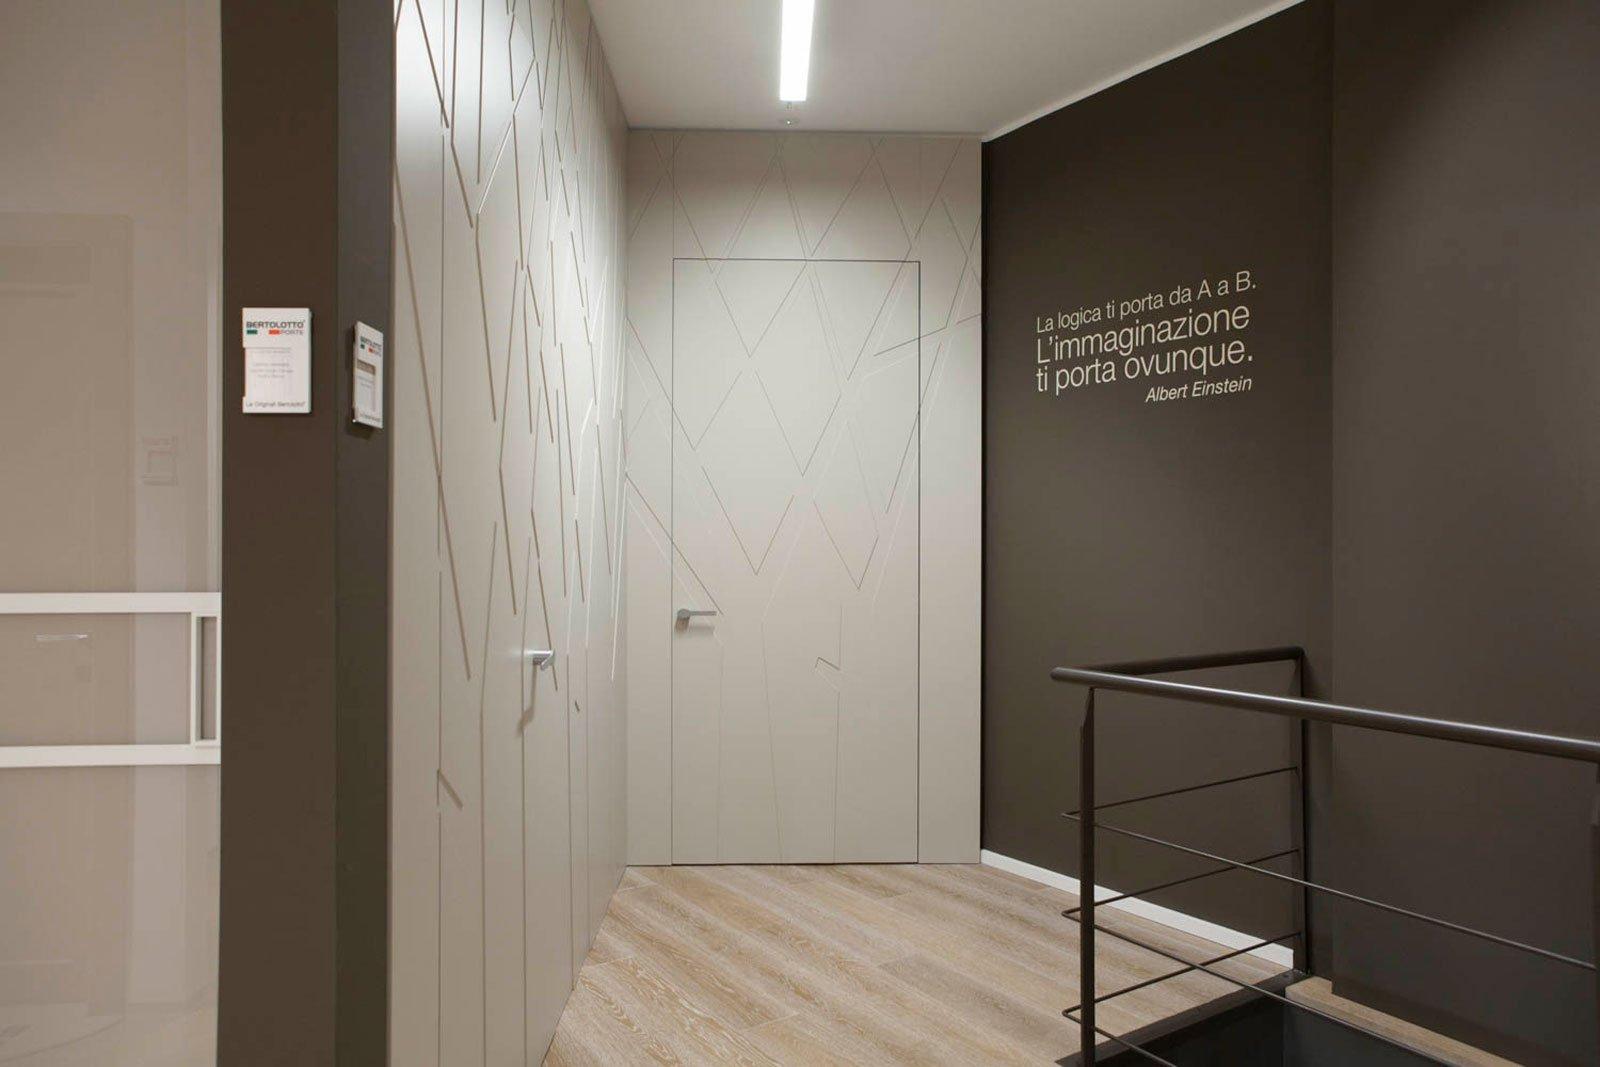 Bertolotto porte nuovo spazio espositivo a milano cose for Porte bertolotto